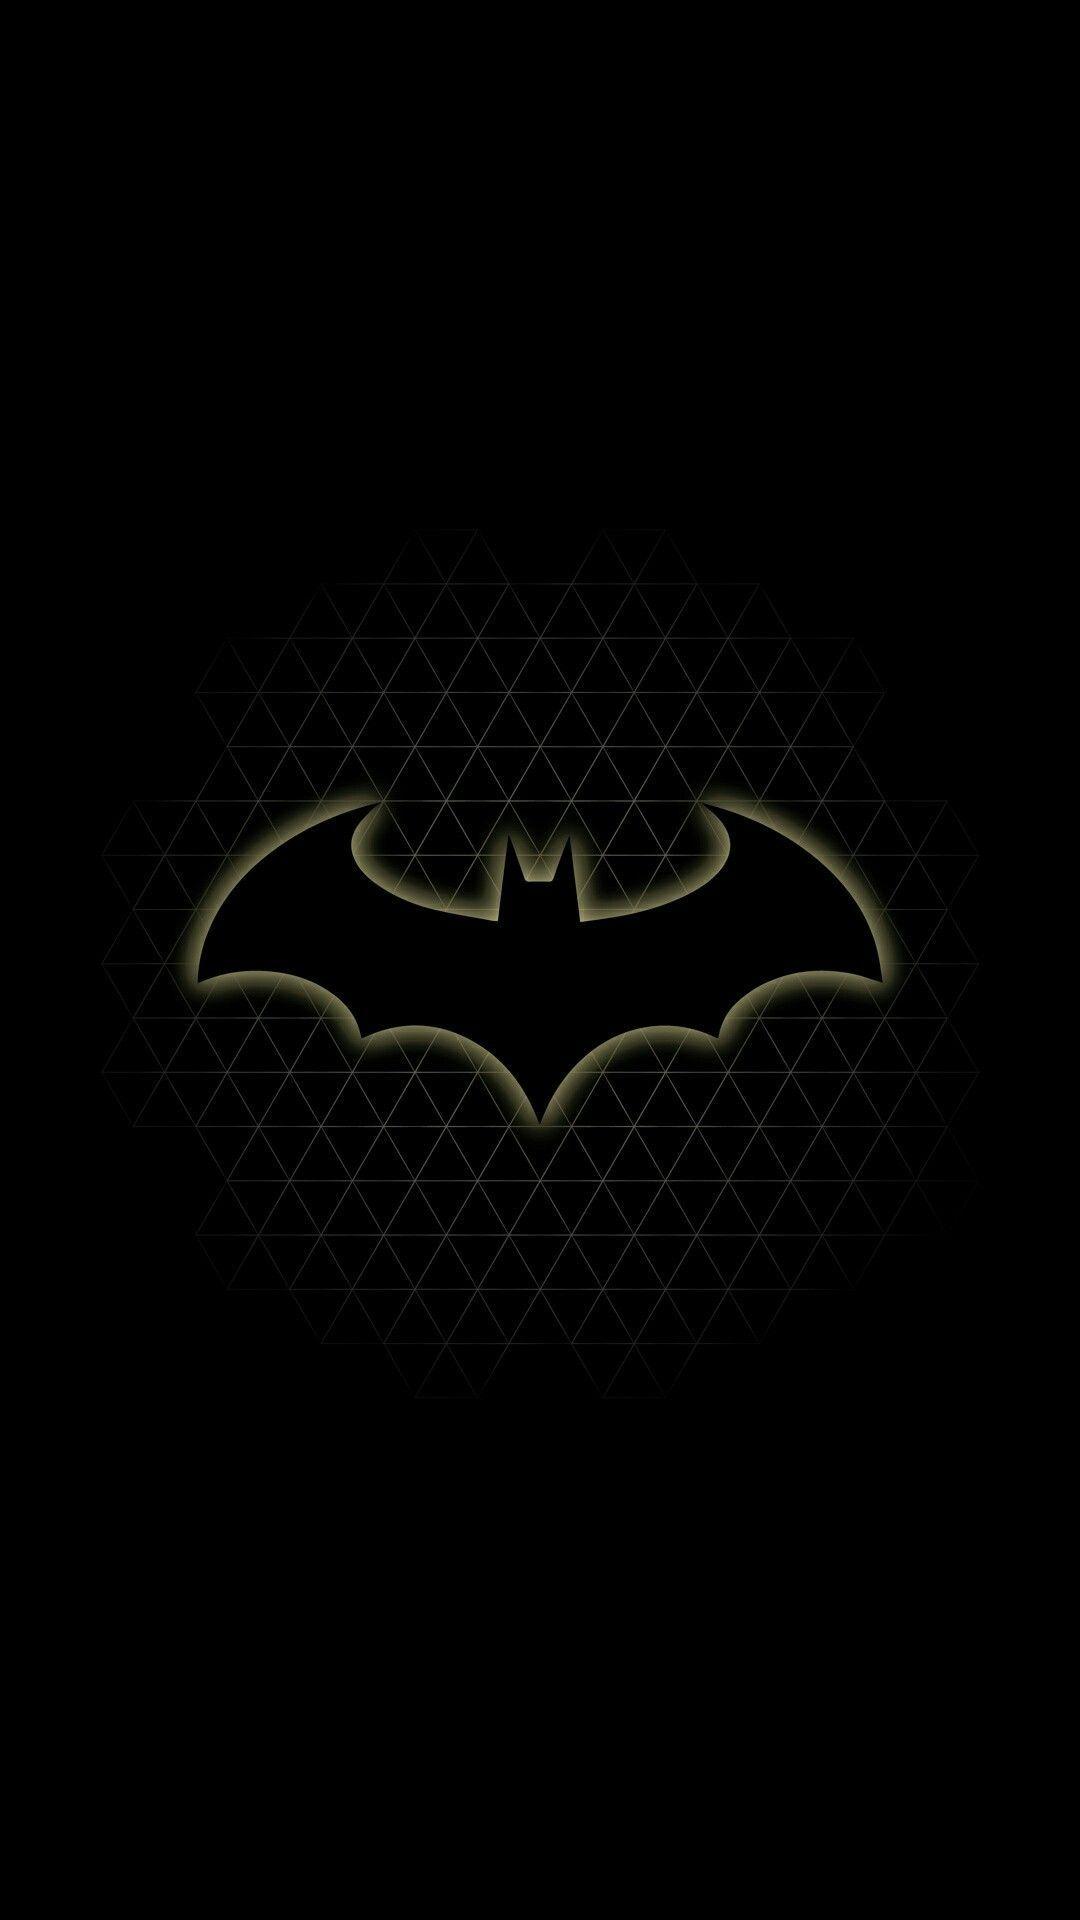 Batman Logo Wallpaper 4k Iphone Http Wallpapersalbum Com Batman Logo Wallpaper 4k Iphone Html In 2020 Batman Wallpaper Batman Wallpaper Iphone Batman Pictures